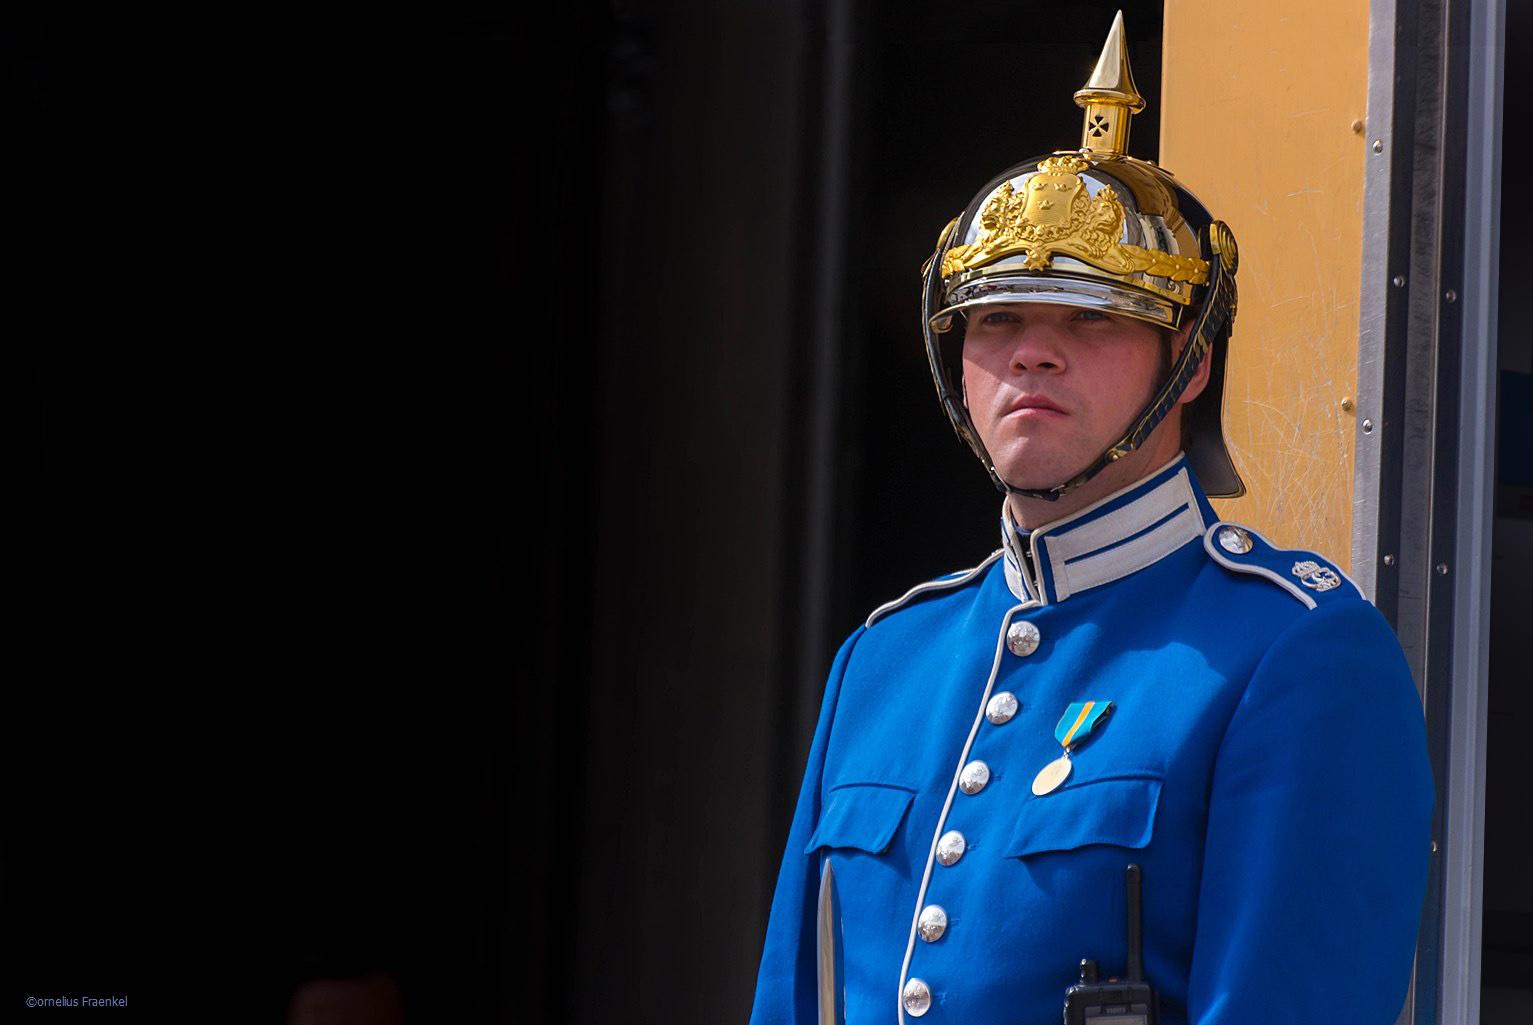 behütet im Auftrag seiner Majestät